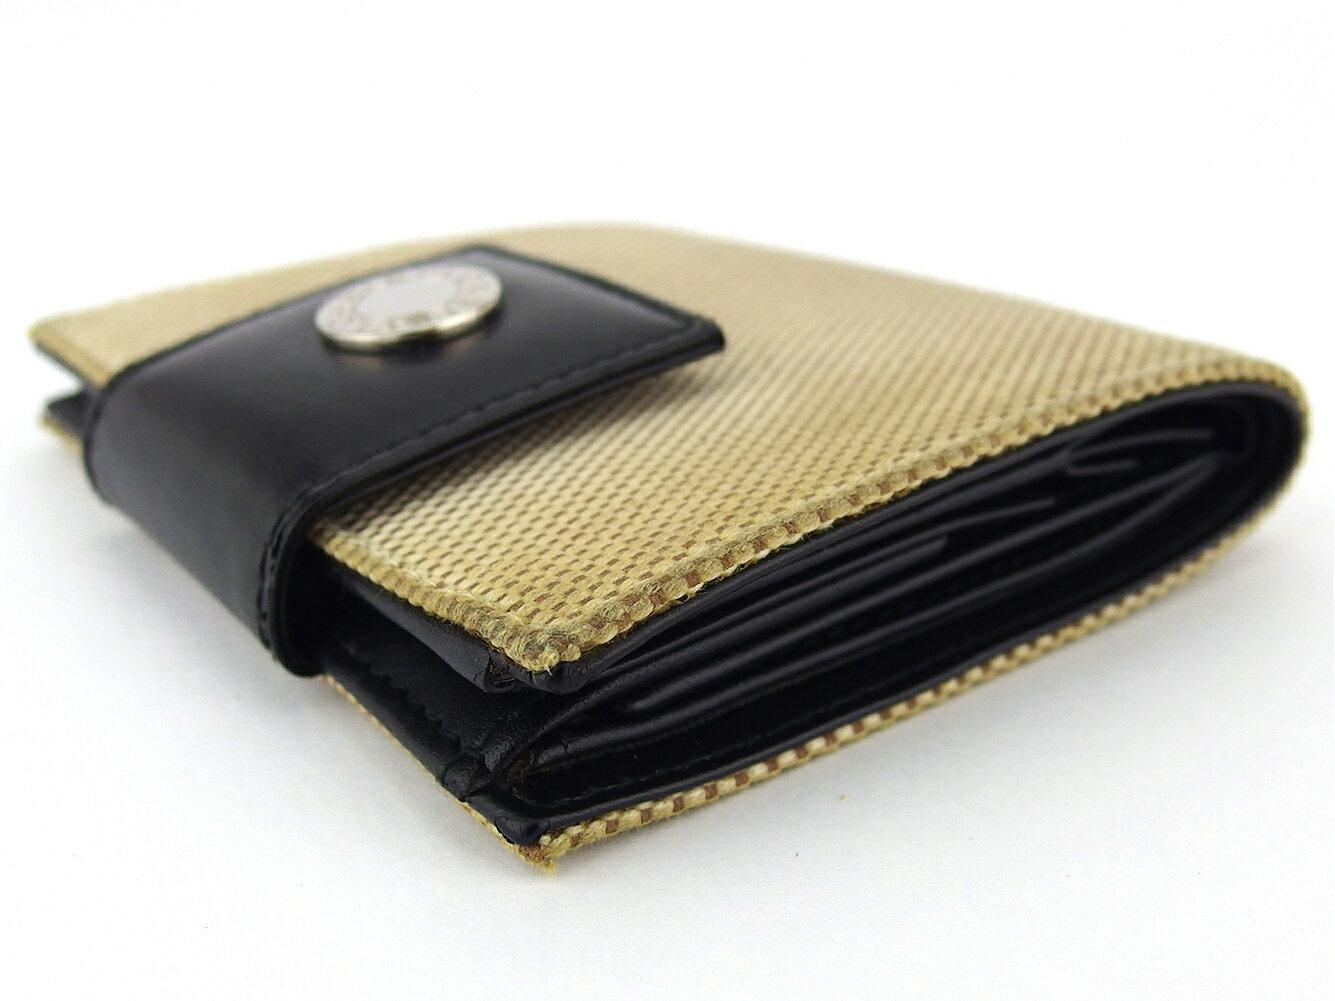 【中古】 ブルガリ 二つ折り 财布 ミニ财布 レディース メンズ ロゴボタン ベージュ ブラック シルバー キャンバス×レザー BVLGARI D2149 A